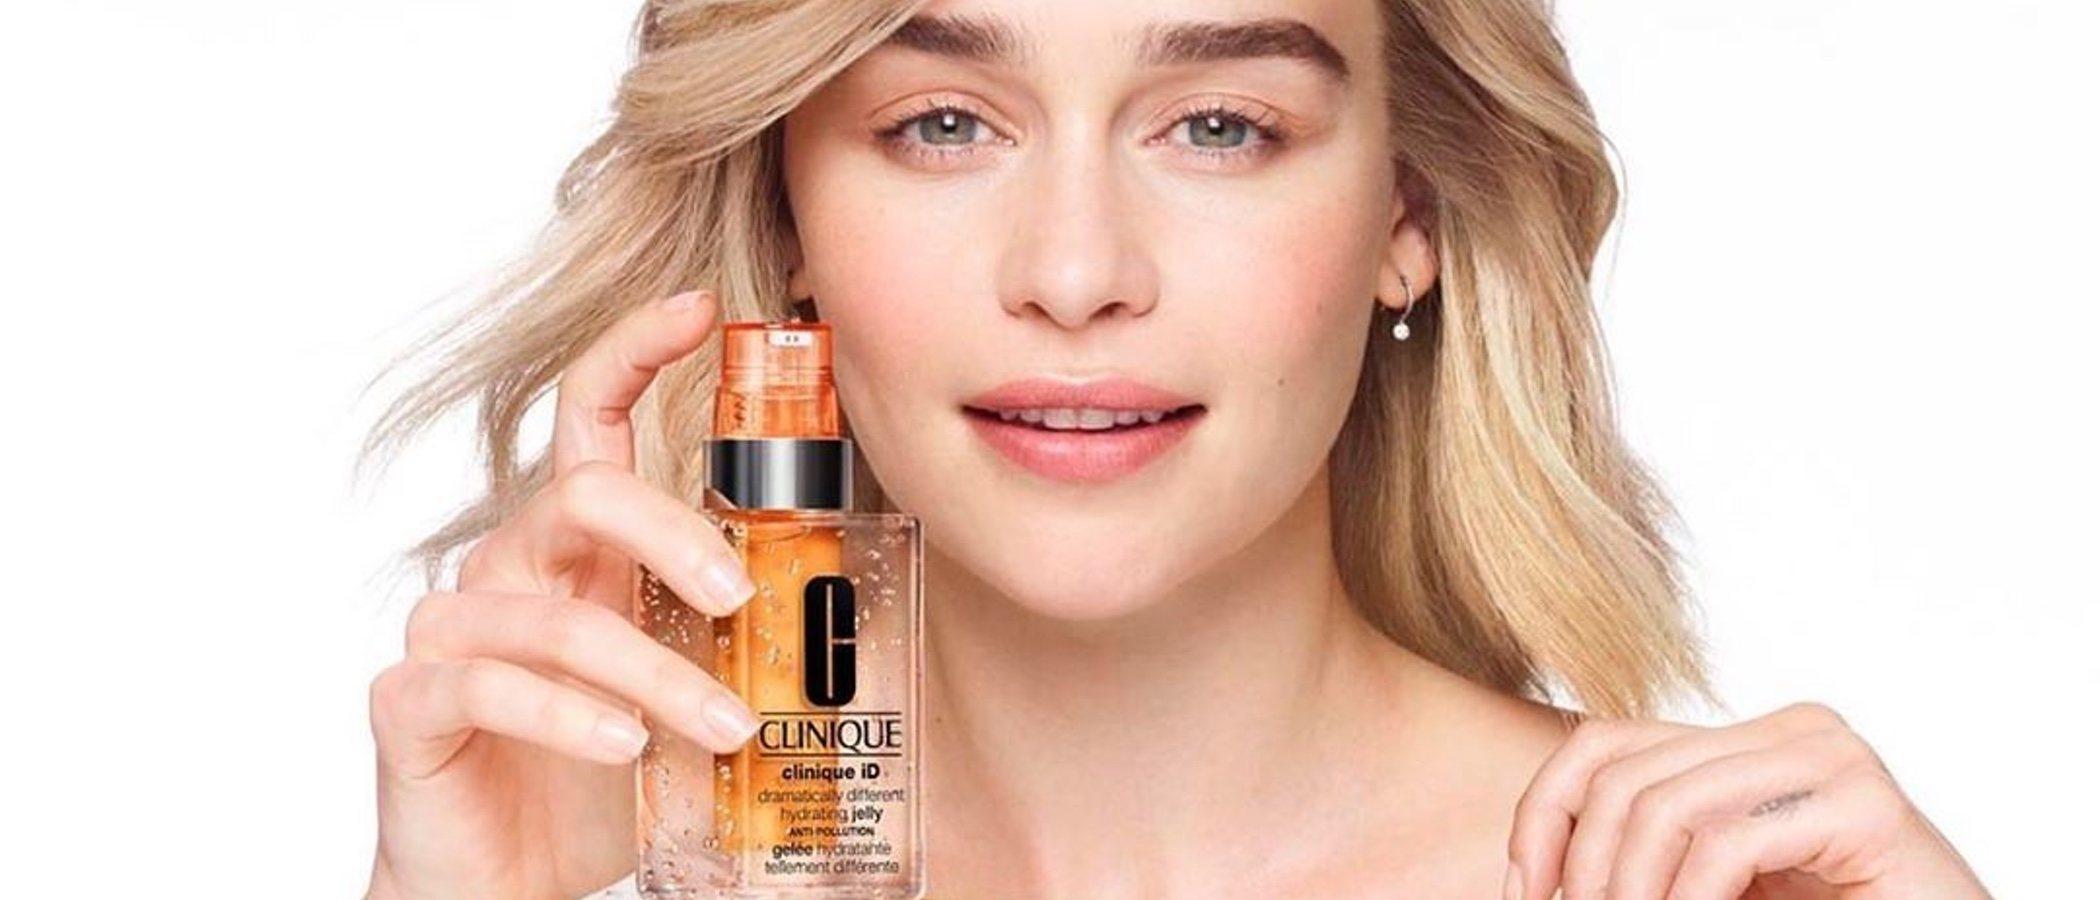 Clinique presenta a Emilia Clarke como su nueva embajadora